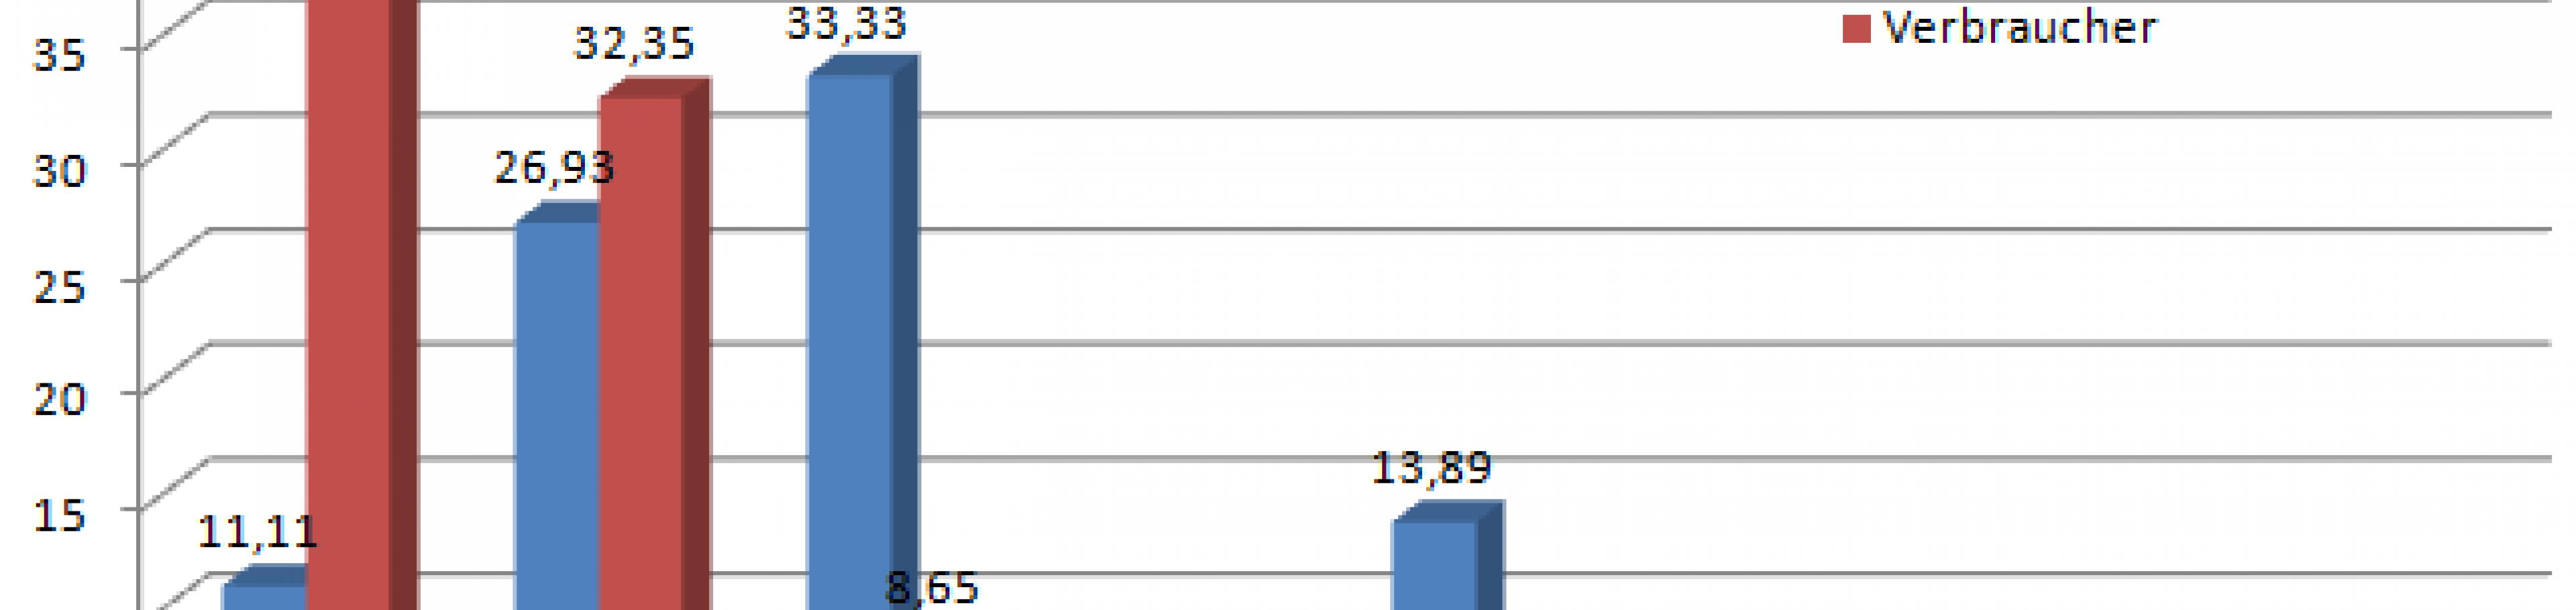 Callcenter: Outbound Anwahlversuche pro Tag Bundesnetzagentur 2014